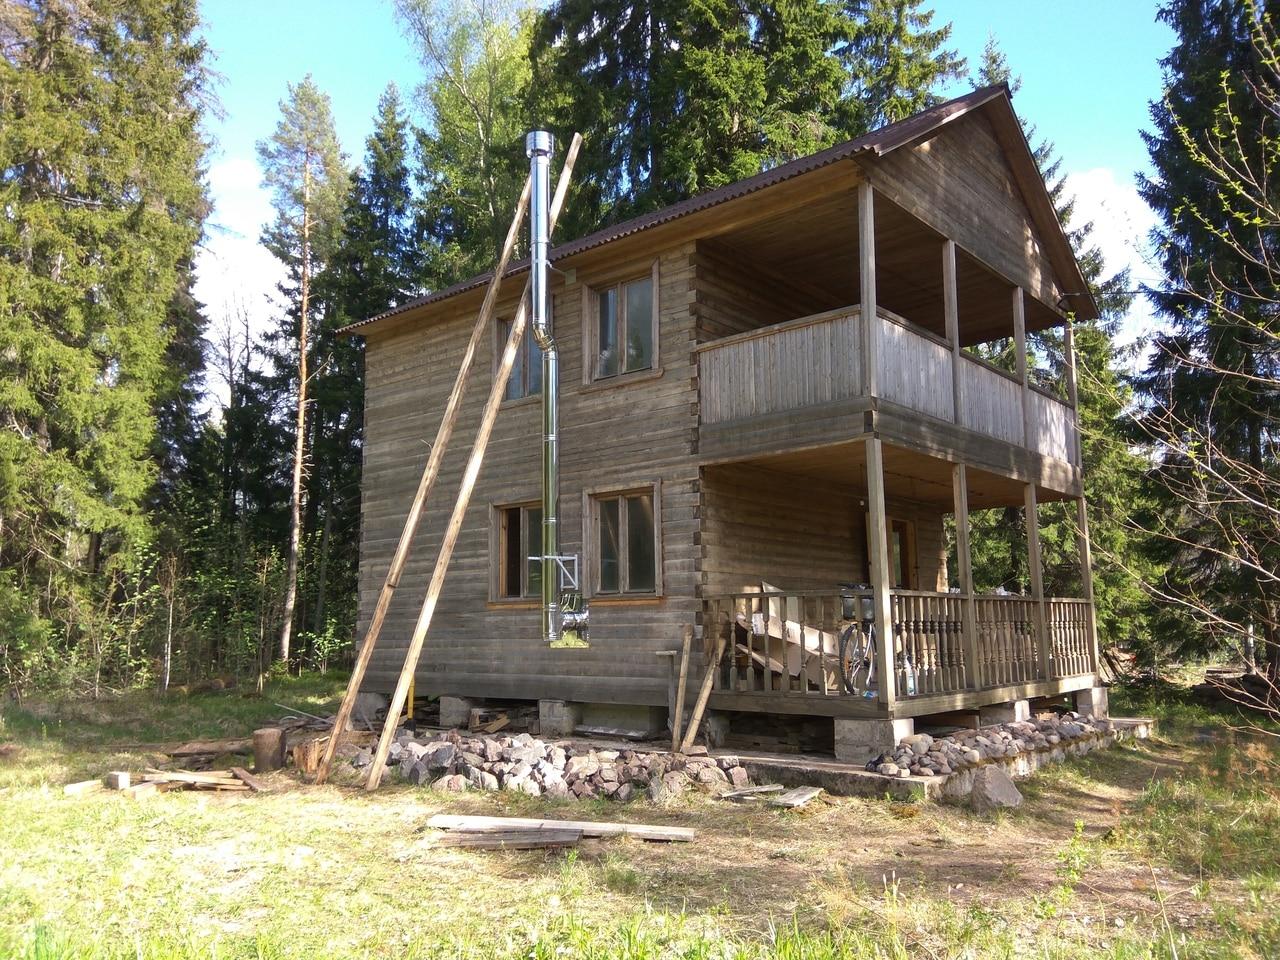 двухэтажный деревянный дом с балконом